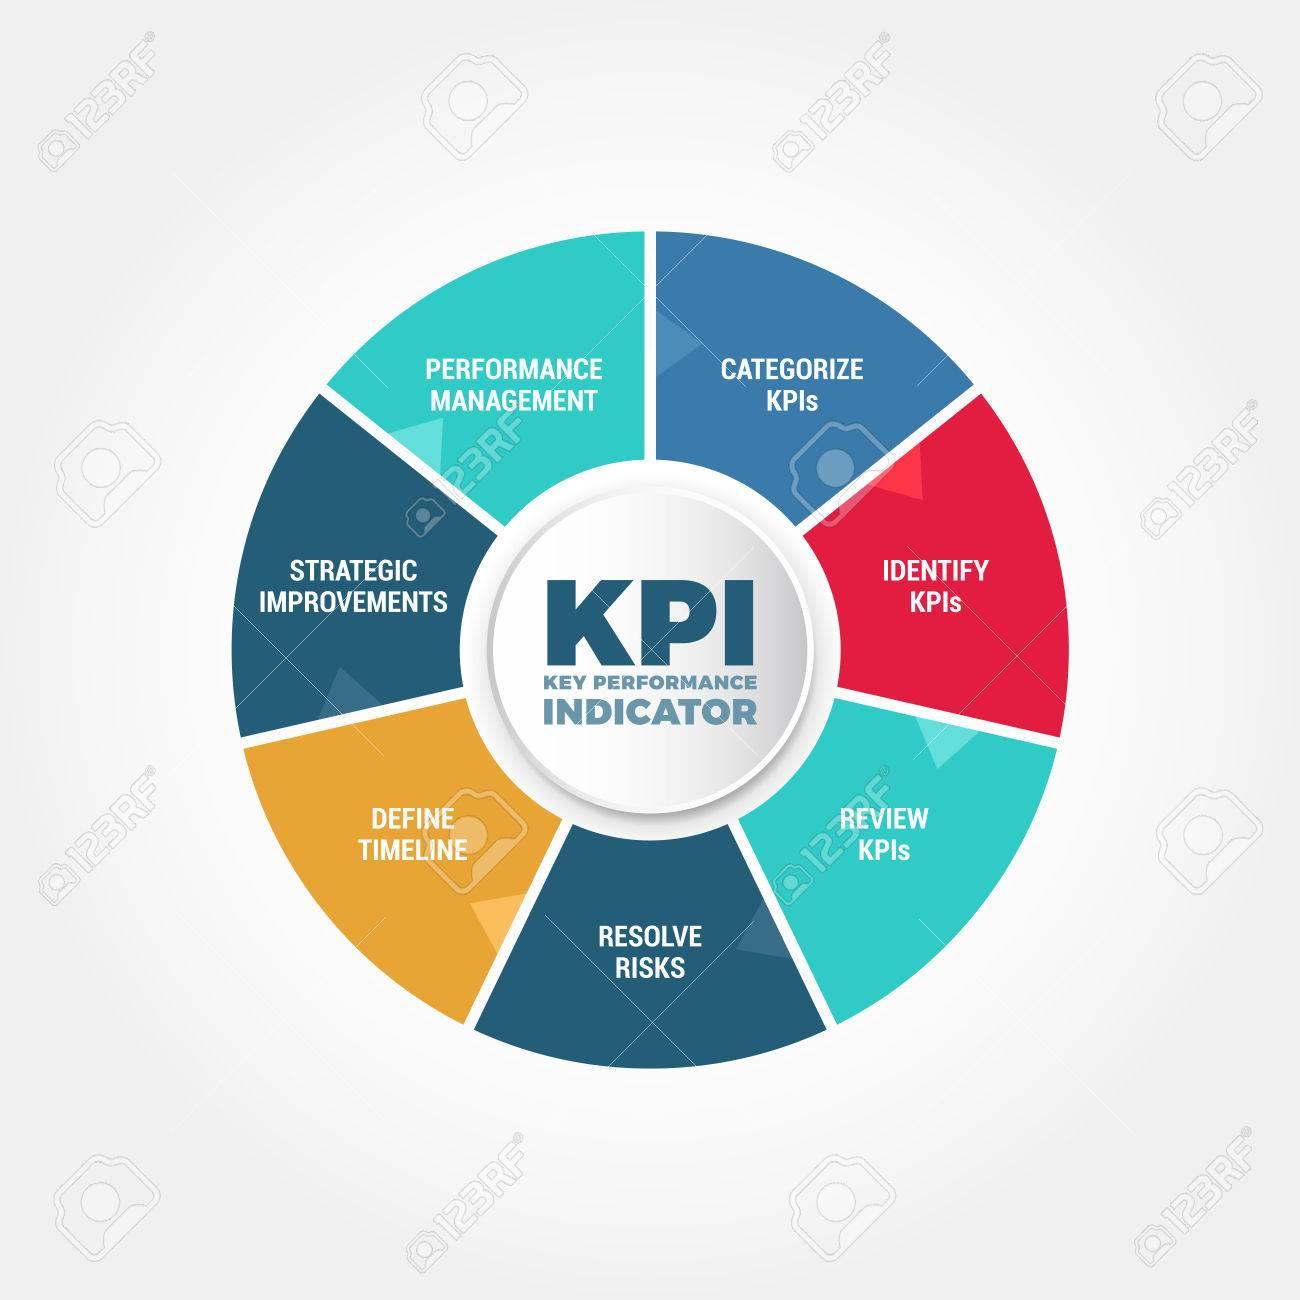 Chỉ số KPI đóng vai trò quan trọng trong sự phát triển của mỗi doanh nghiệp